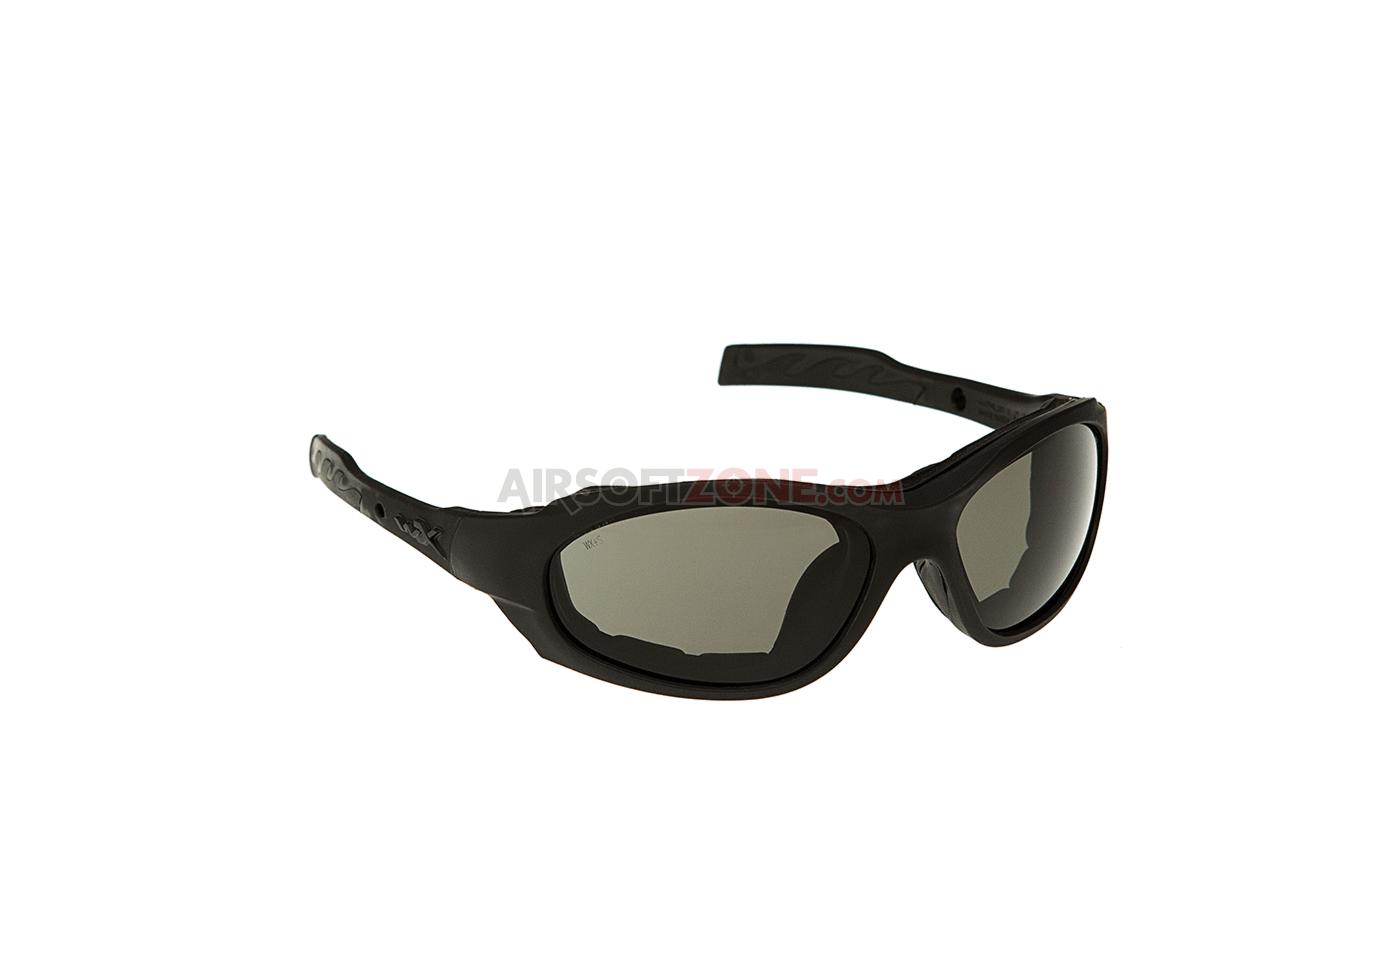 6922ae41d XL-1 Advanced Goggles Black (Wiley X) - Goggles - Eyewear ...